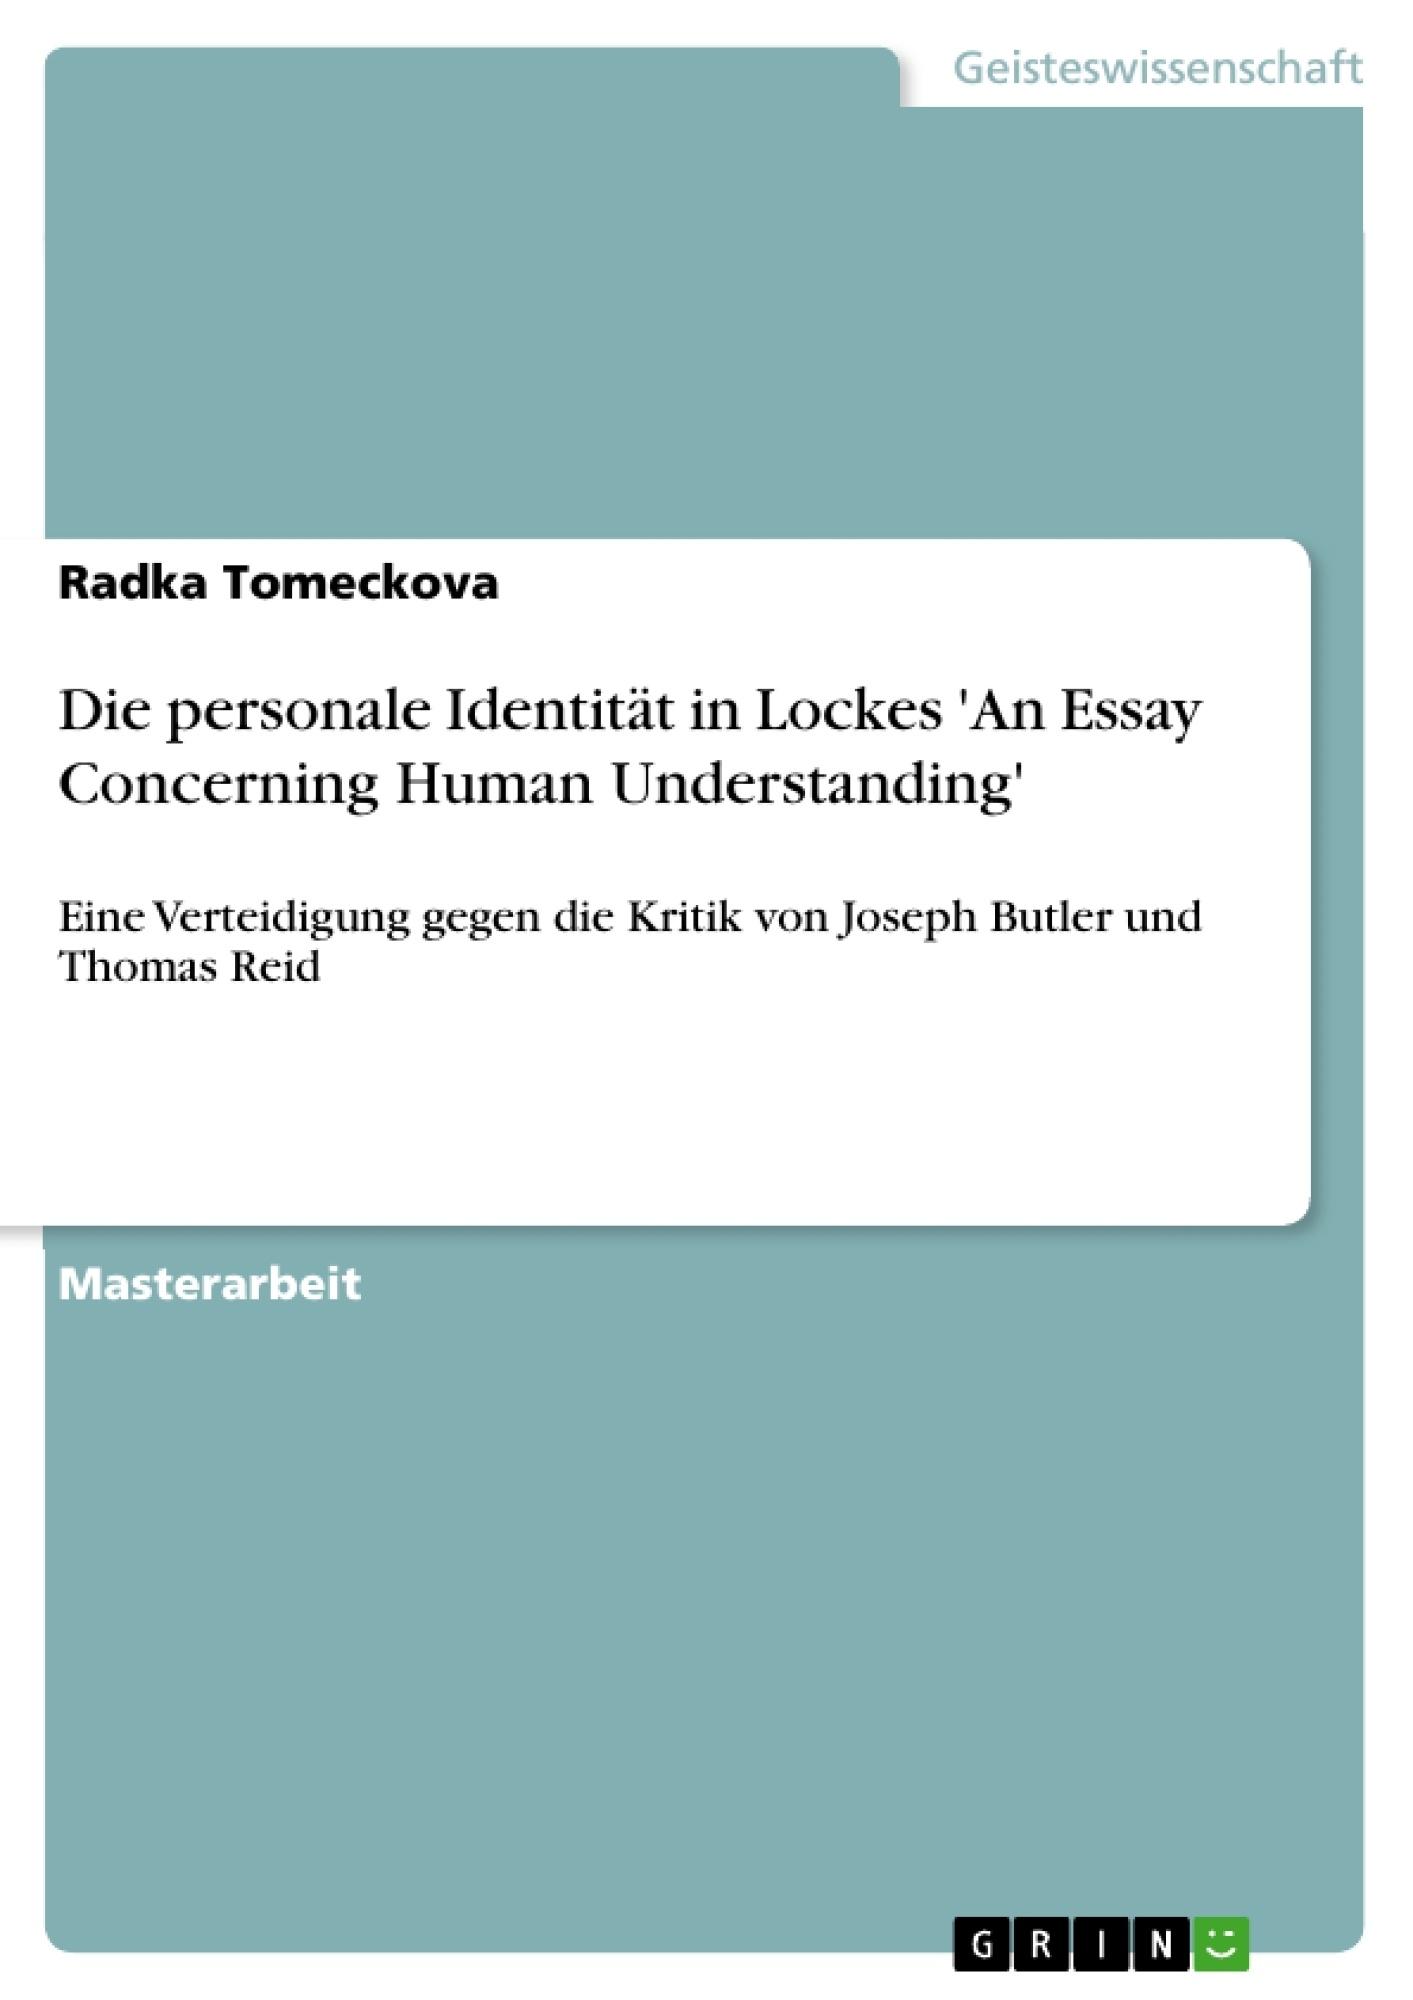 Titel: Die personale Identität in Lockes 'An Essay Concerning Human Understanding'